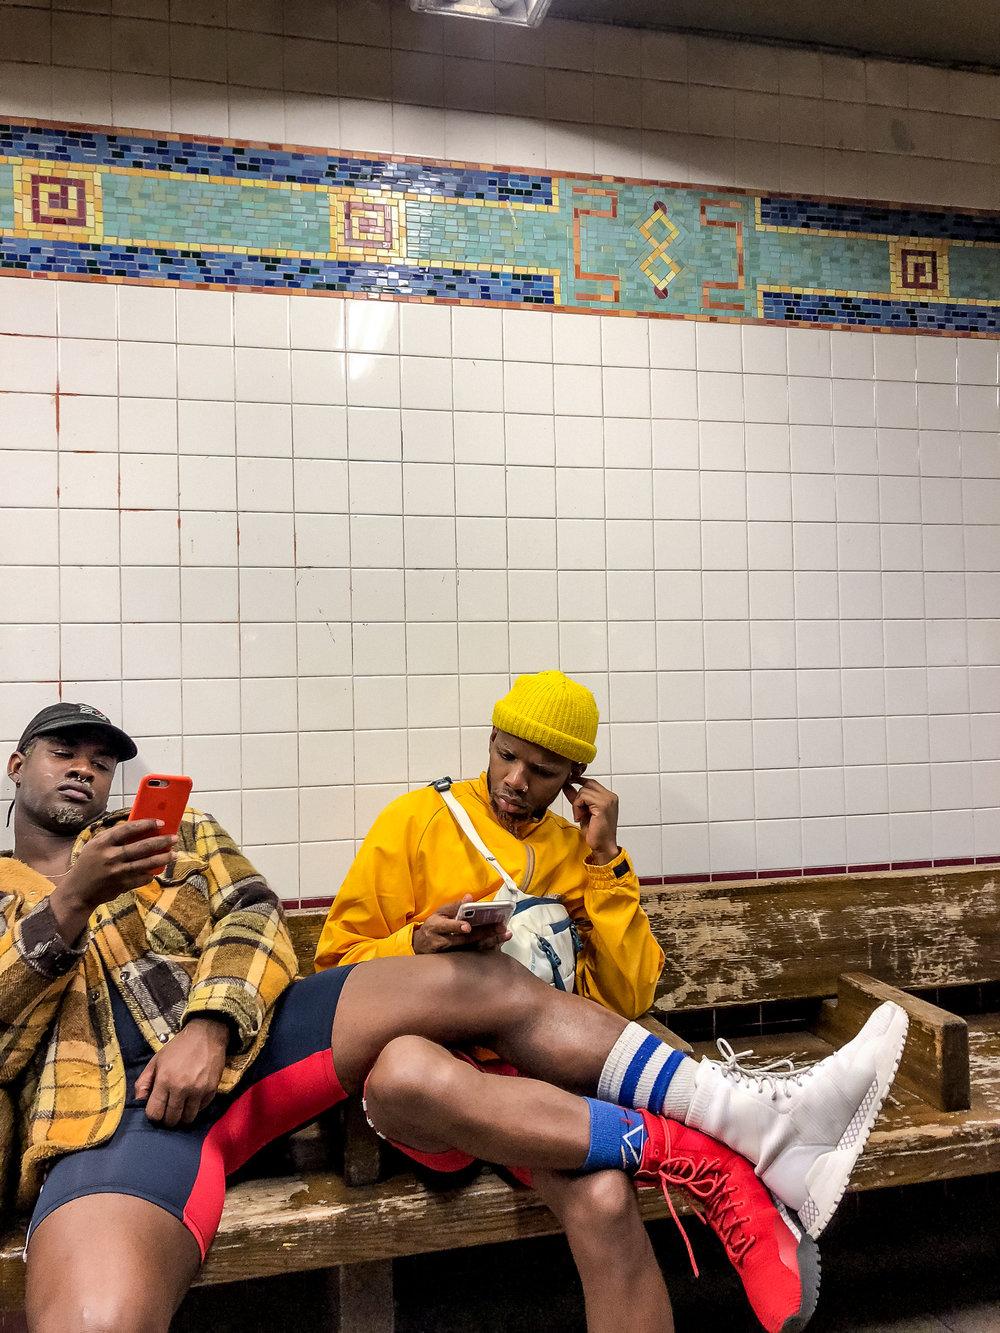 SubwayHalloween-25.jpg